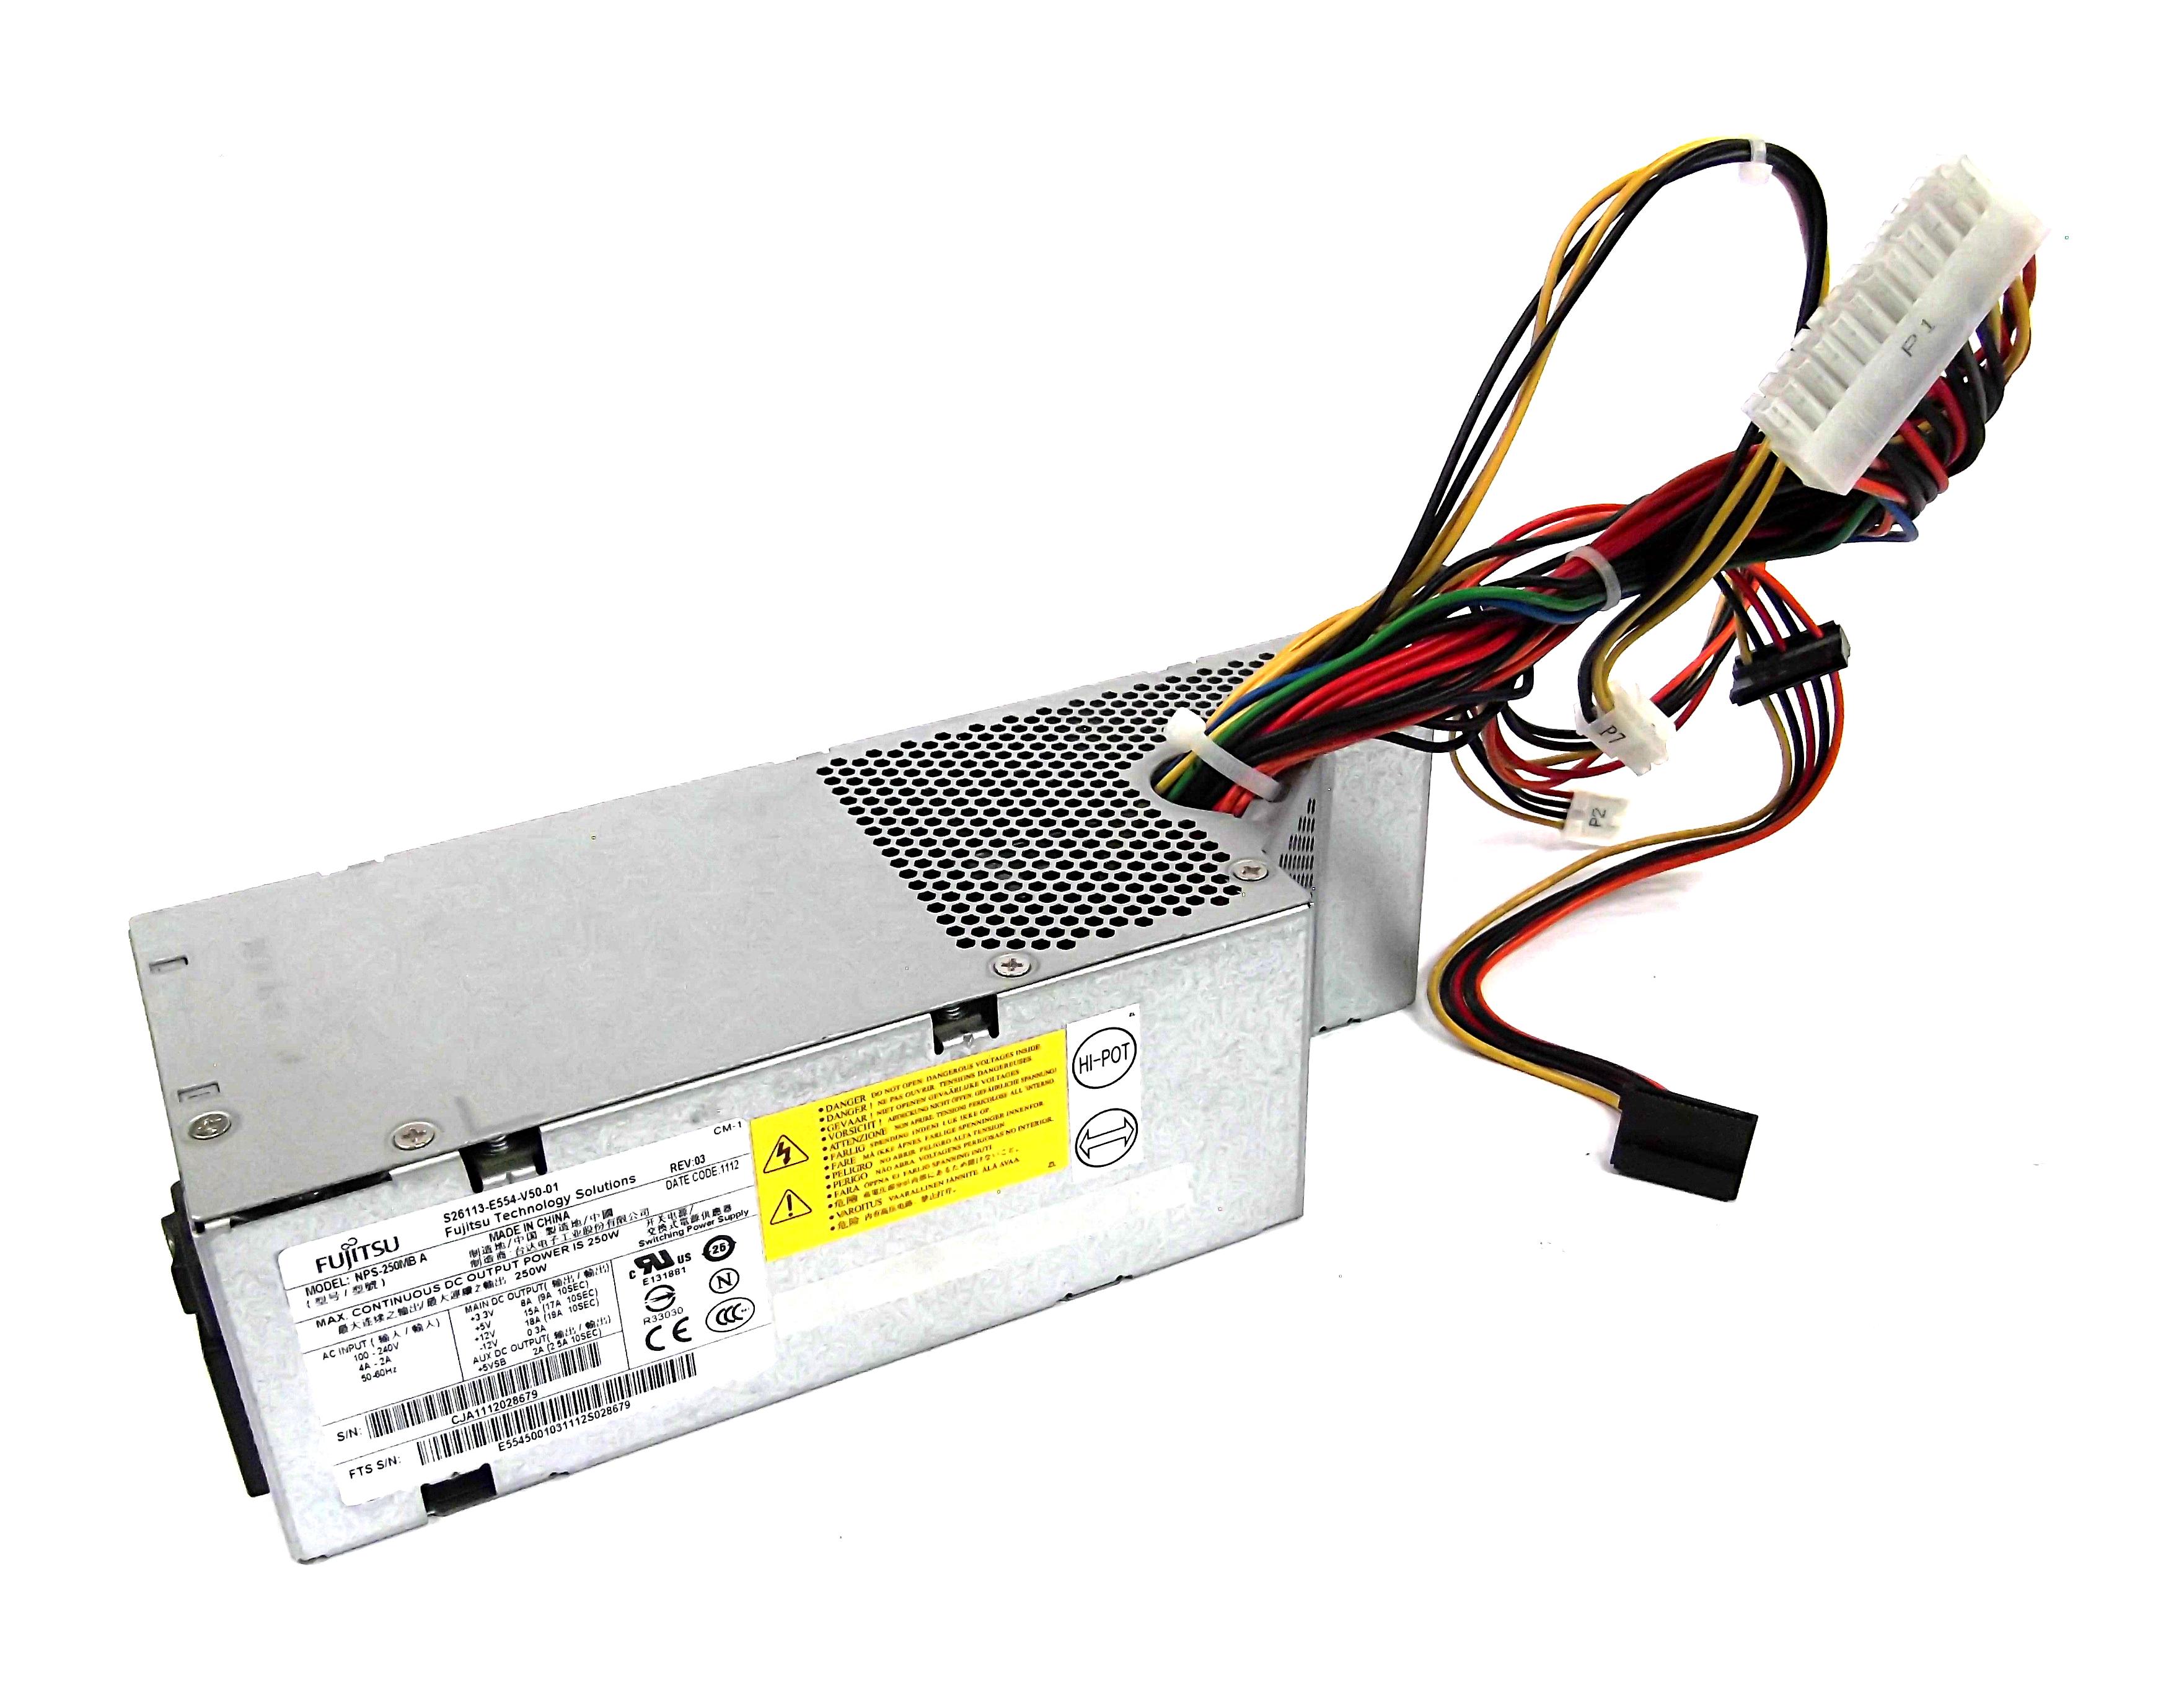 Fujitsu S26113-E554-V50-01 250W 24-Pin Power Supply - NPS-250MB A